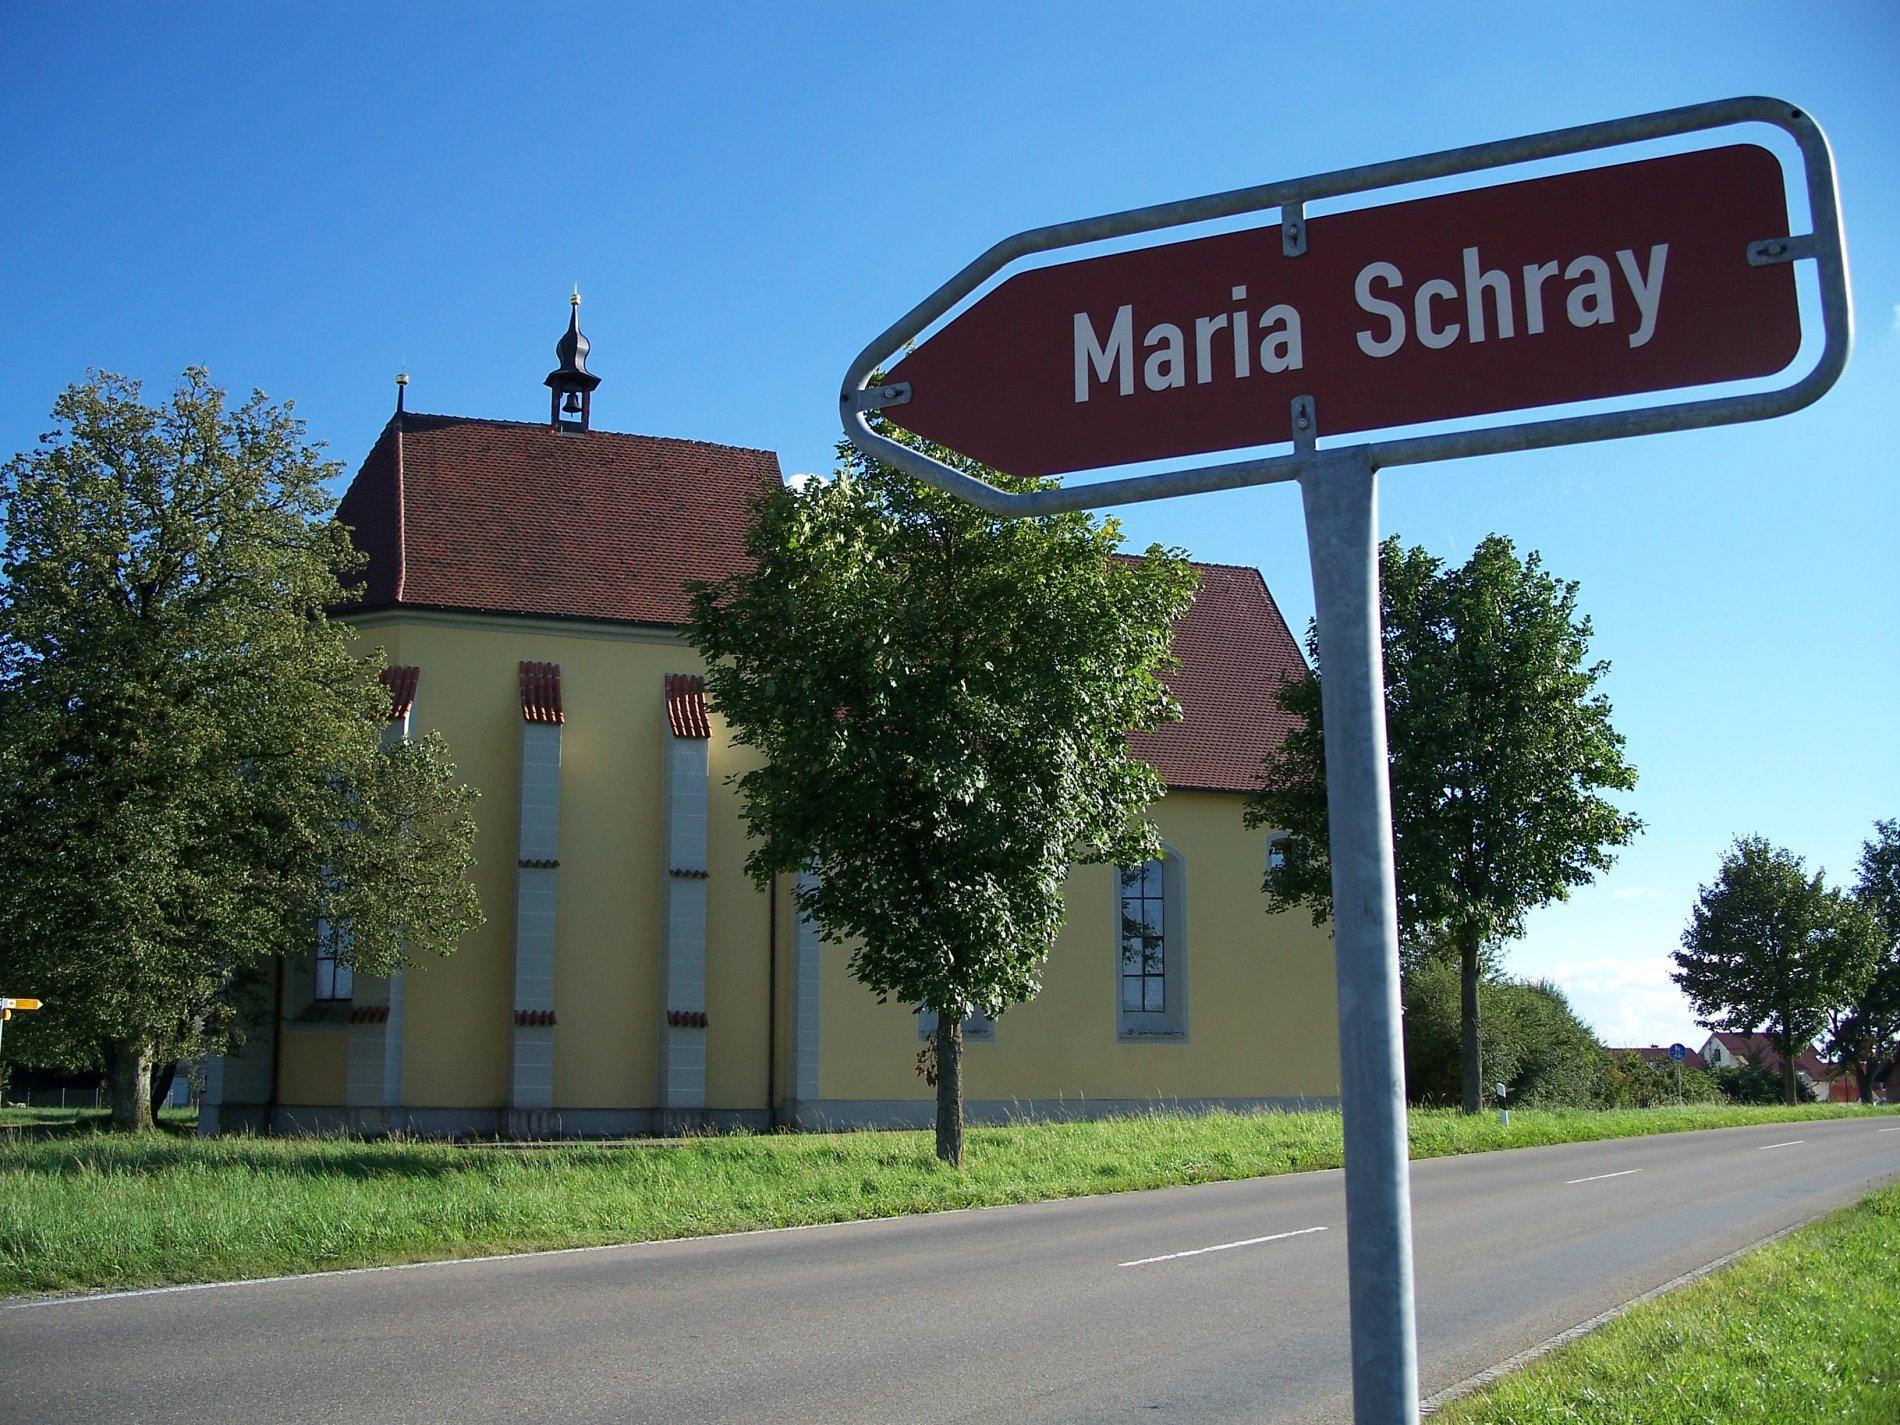 Wallfahrtskirche Maria Schray von außen mit Wegweiser